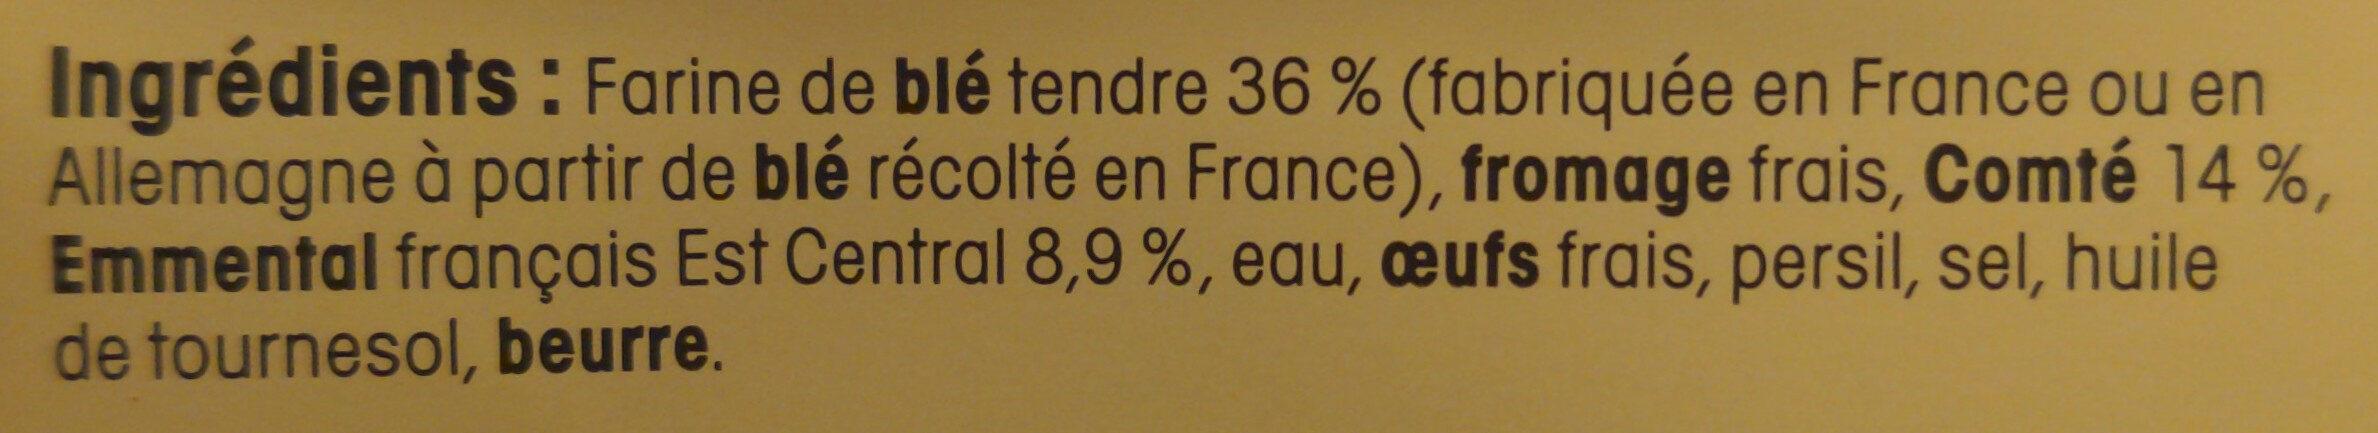 Raviolis du Dauphiné - Ingrédients - fr